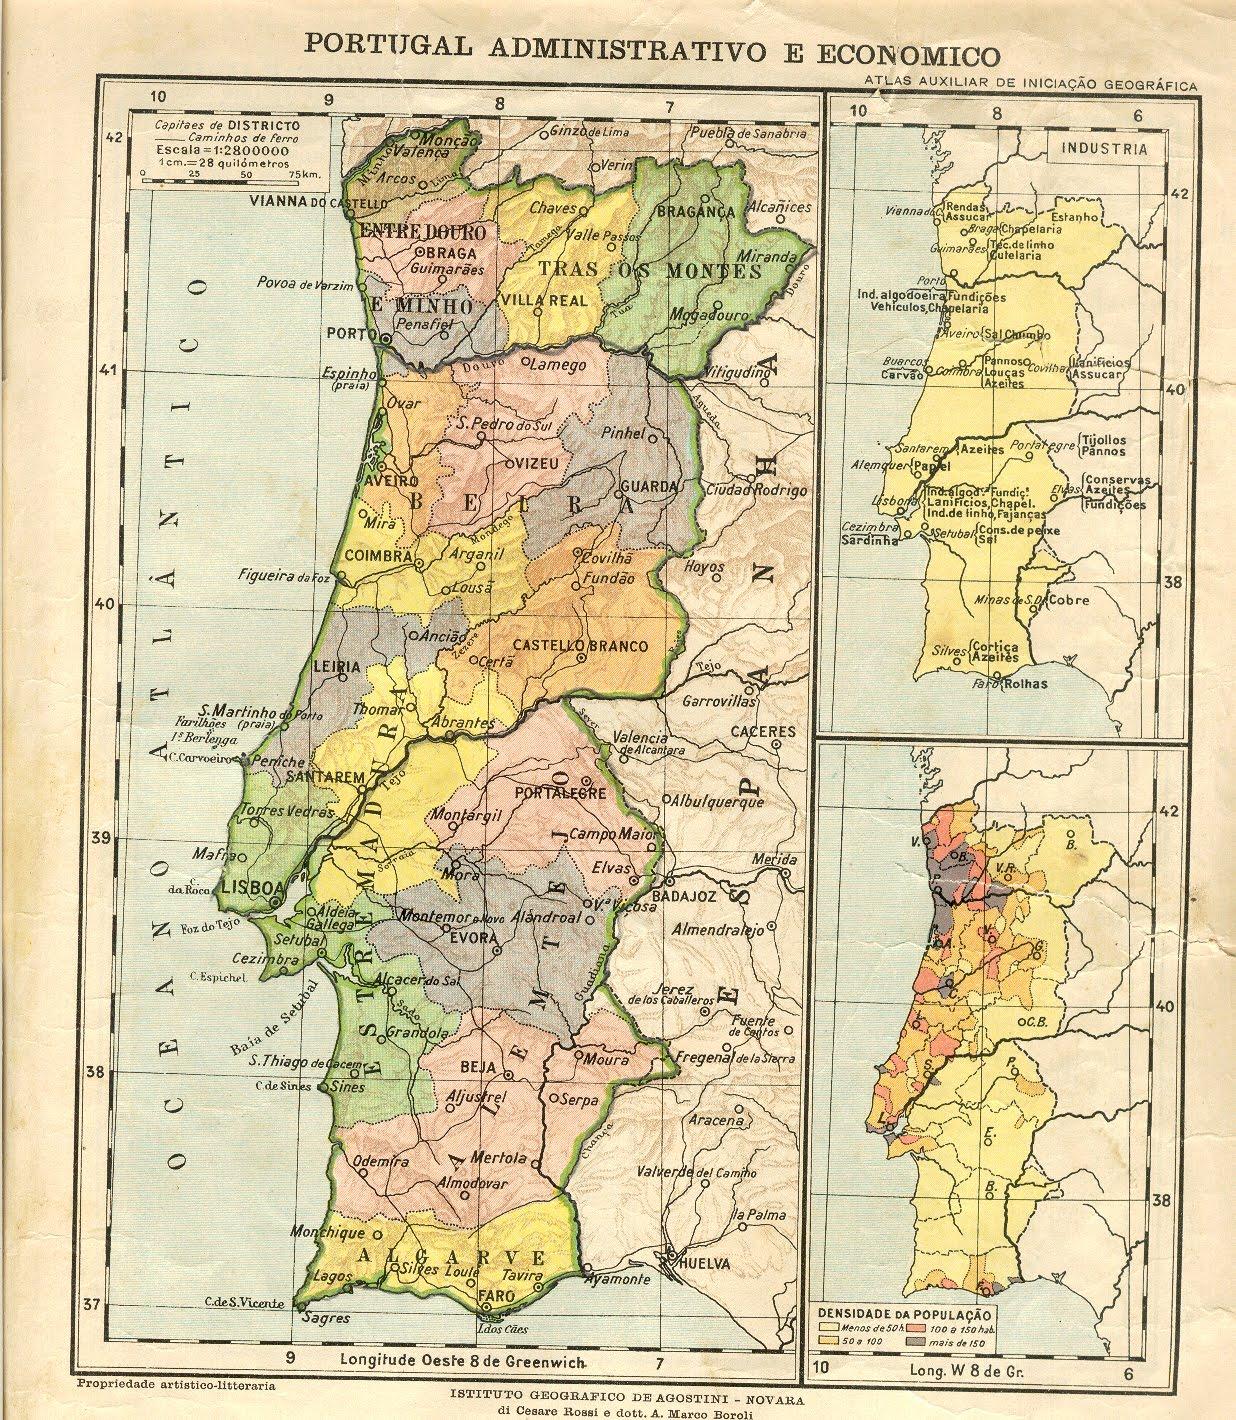 mapa de portugal dividido por provincias carreiradomato: Regionalização: Aspectos Históricos mapa de portugal dividido por provincias